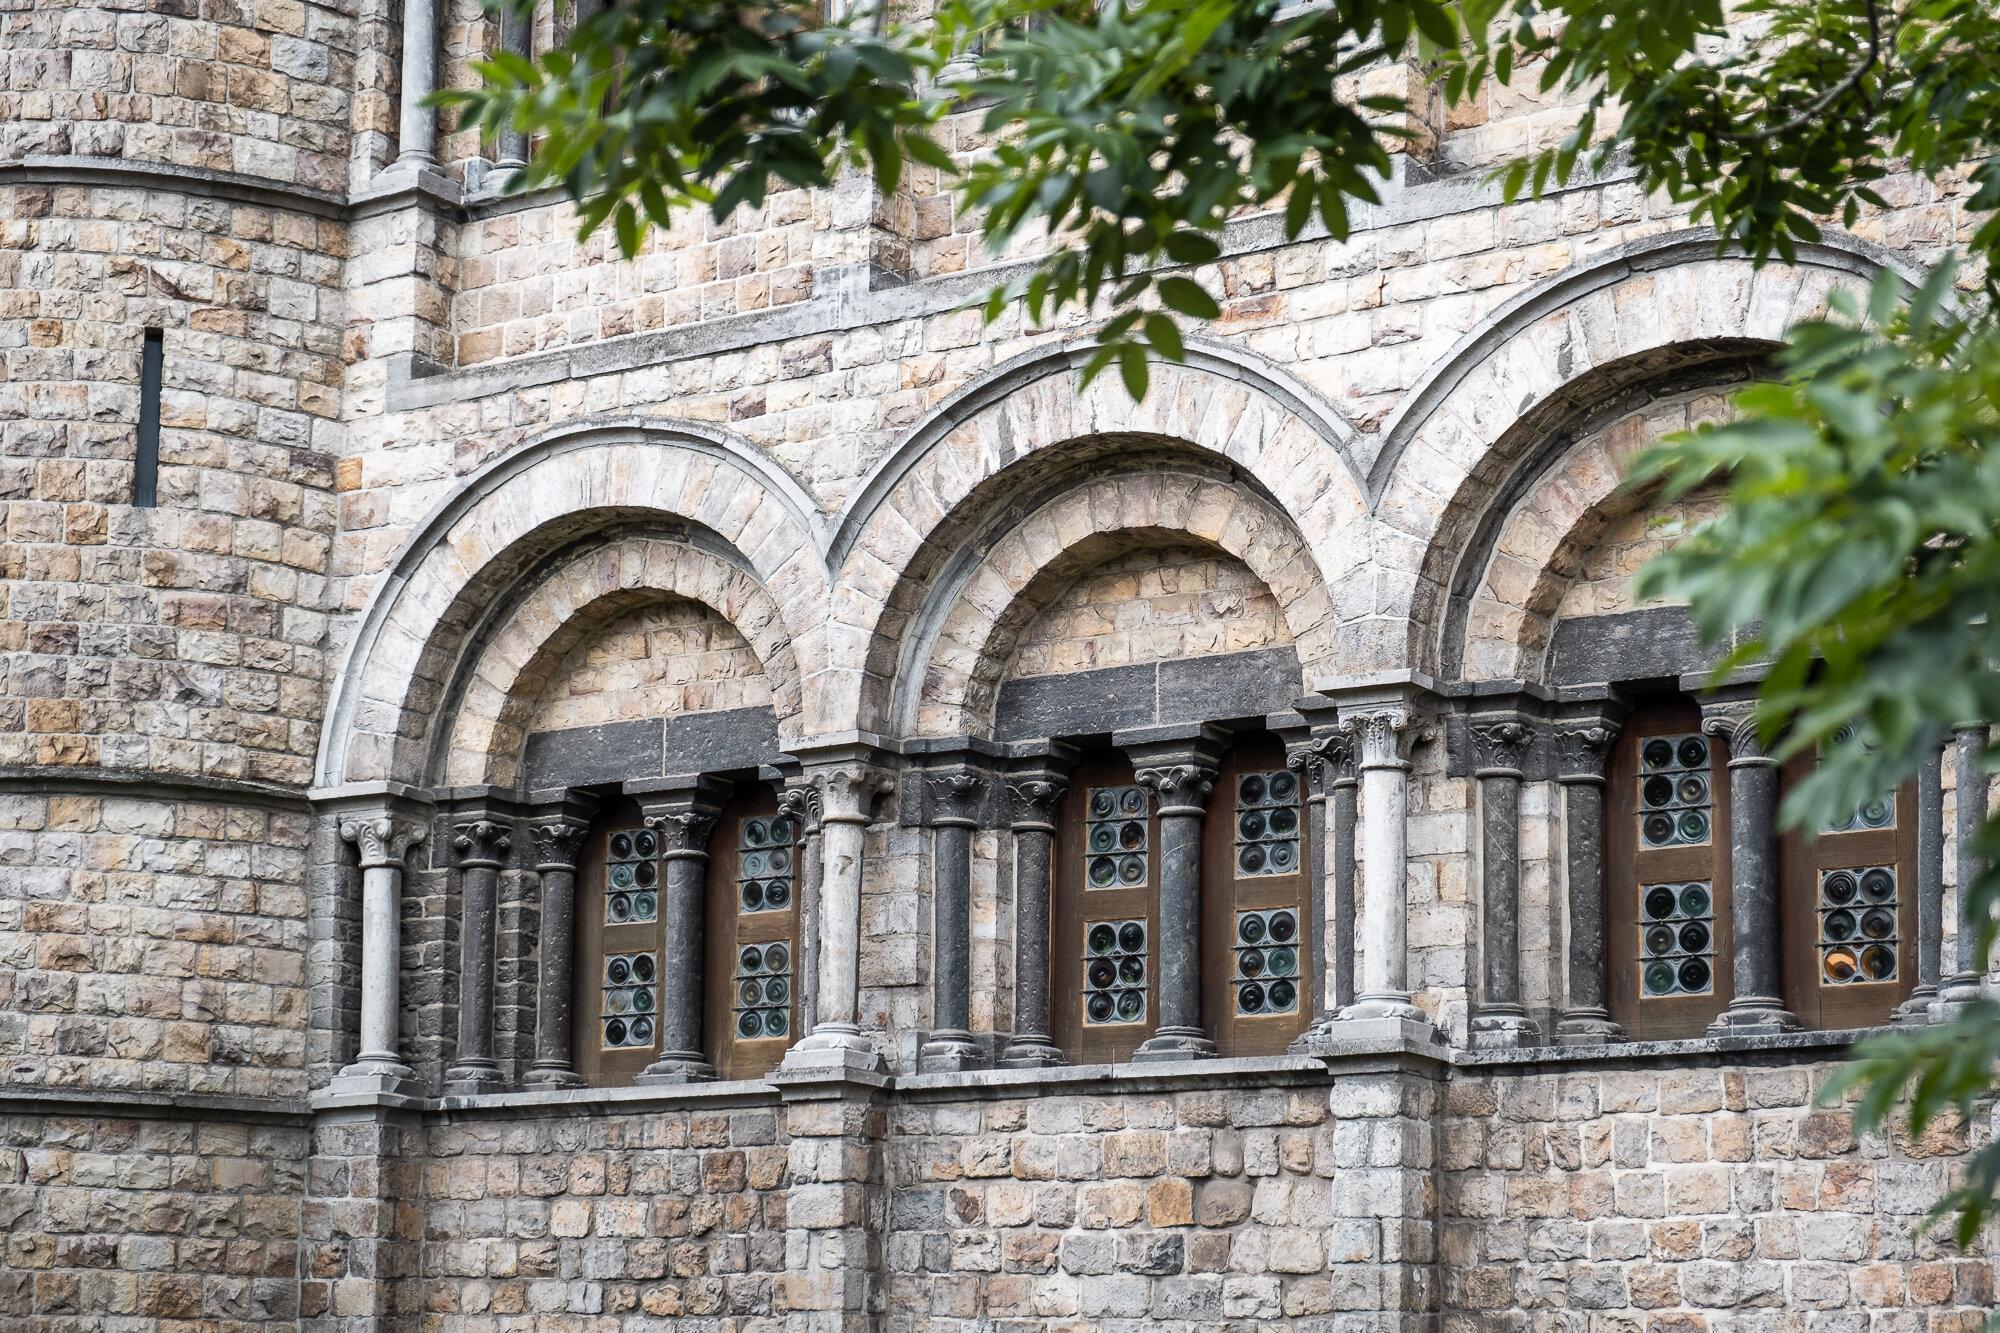 The Gravensteen Castle brickwork arches